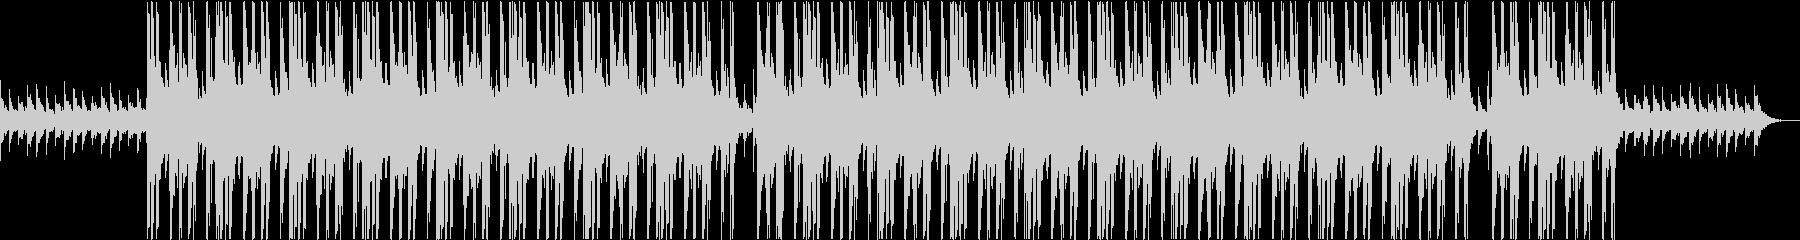 怪しく暗い雰囲気のトラップの未再生の波形